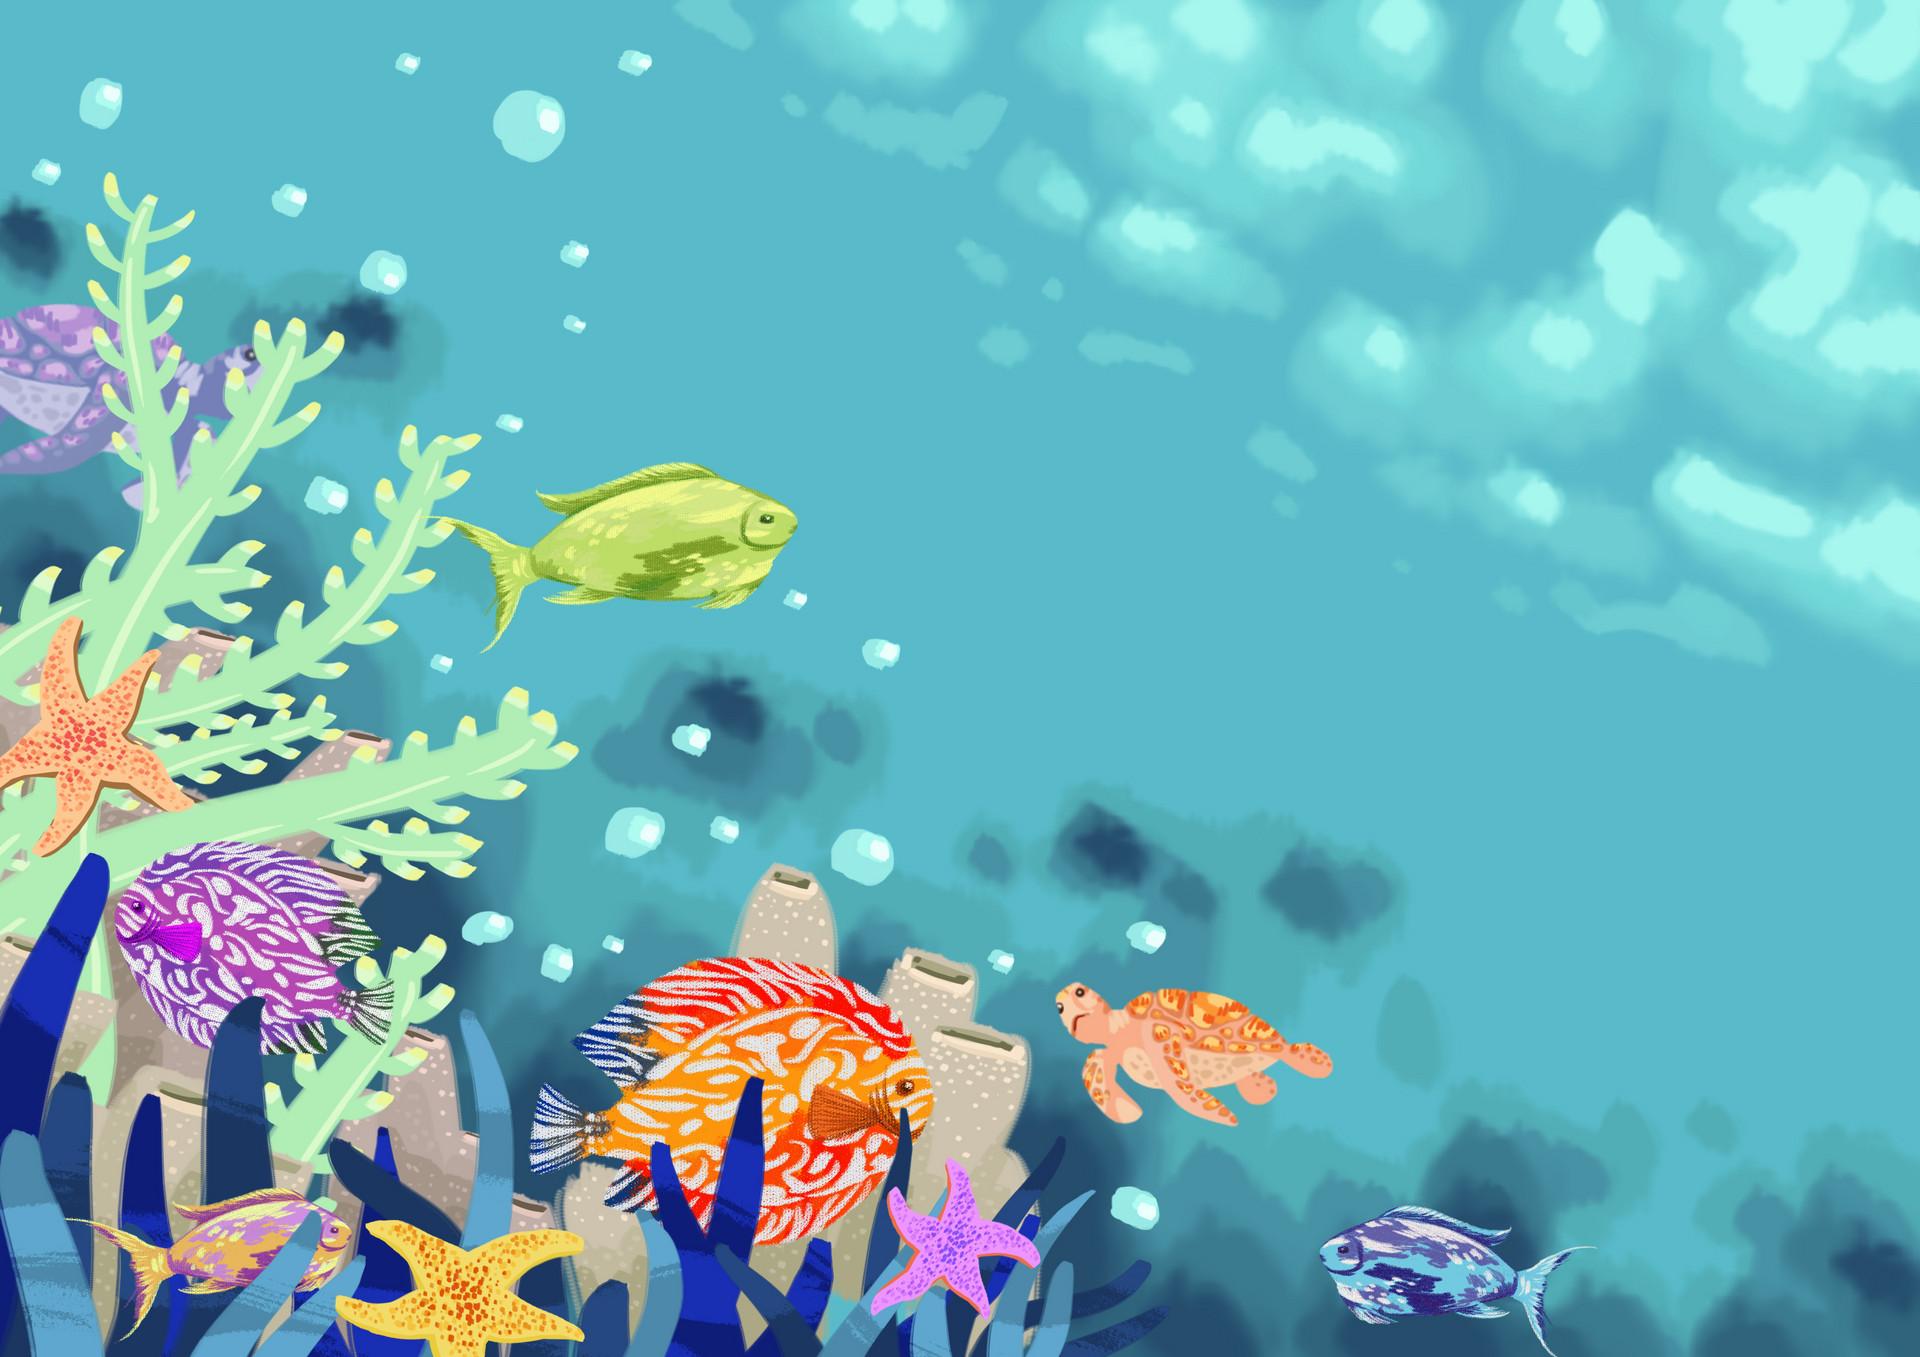 小学儿童短篇故事文字版:海龟爬山